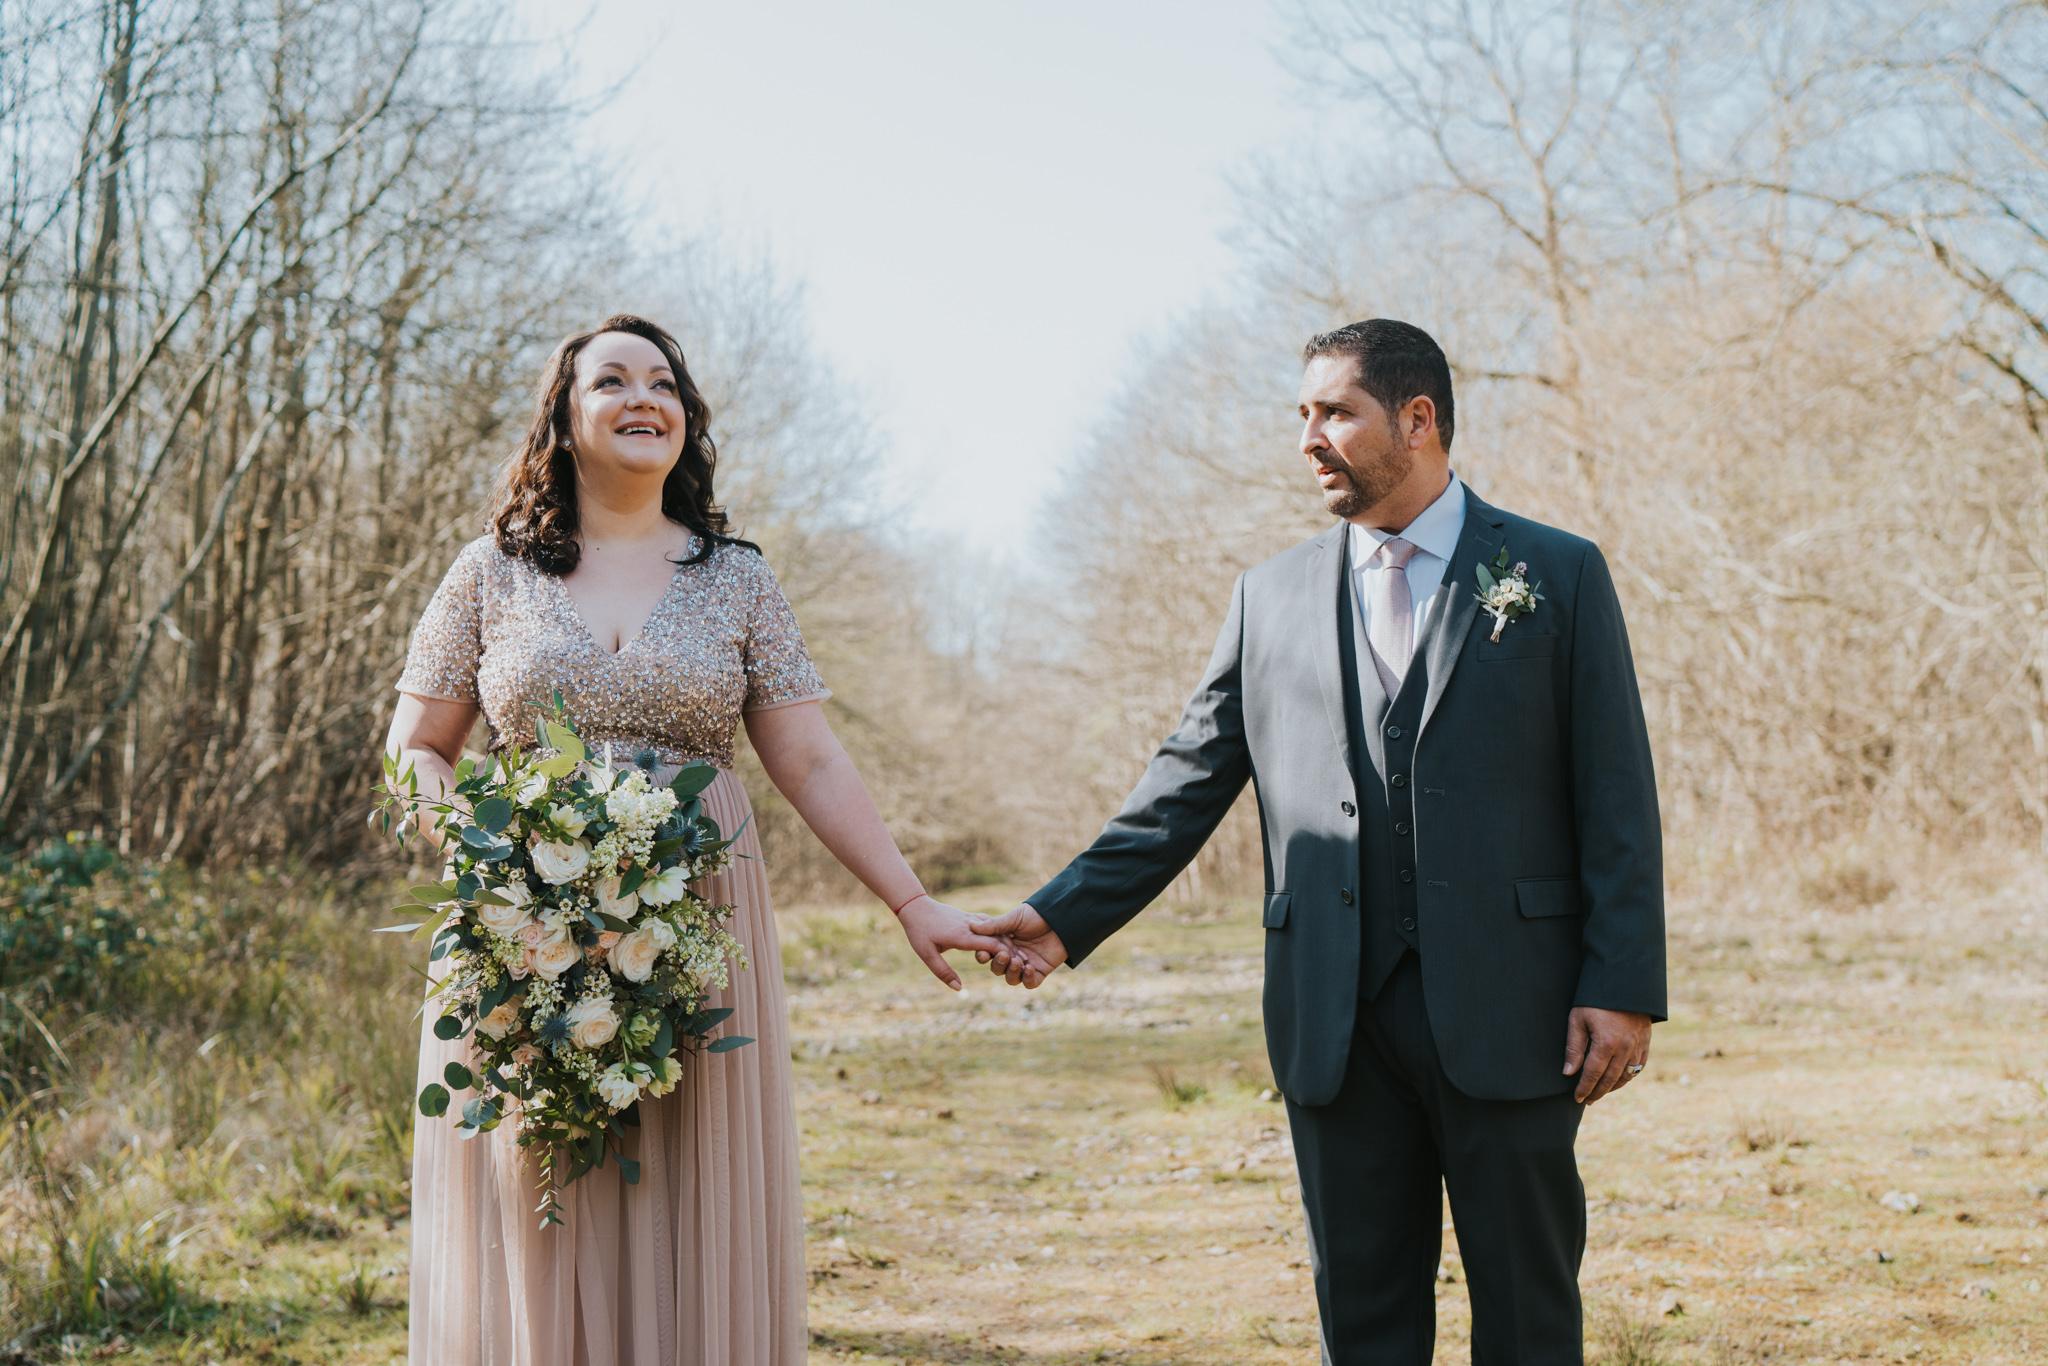 yuliya-yafith-colchester-essex-woodland-elopement-alternative-wedding-photographer-grace-elizabeth-essex-suffolk-norfolk-devon (24 of 40).jpg